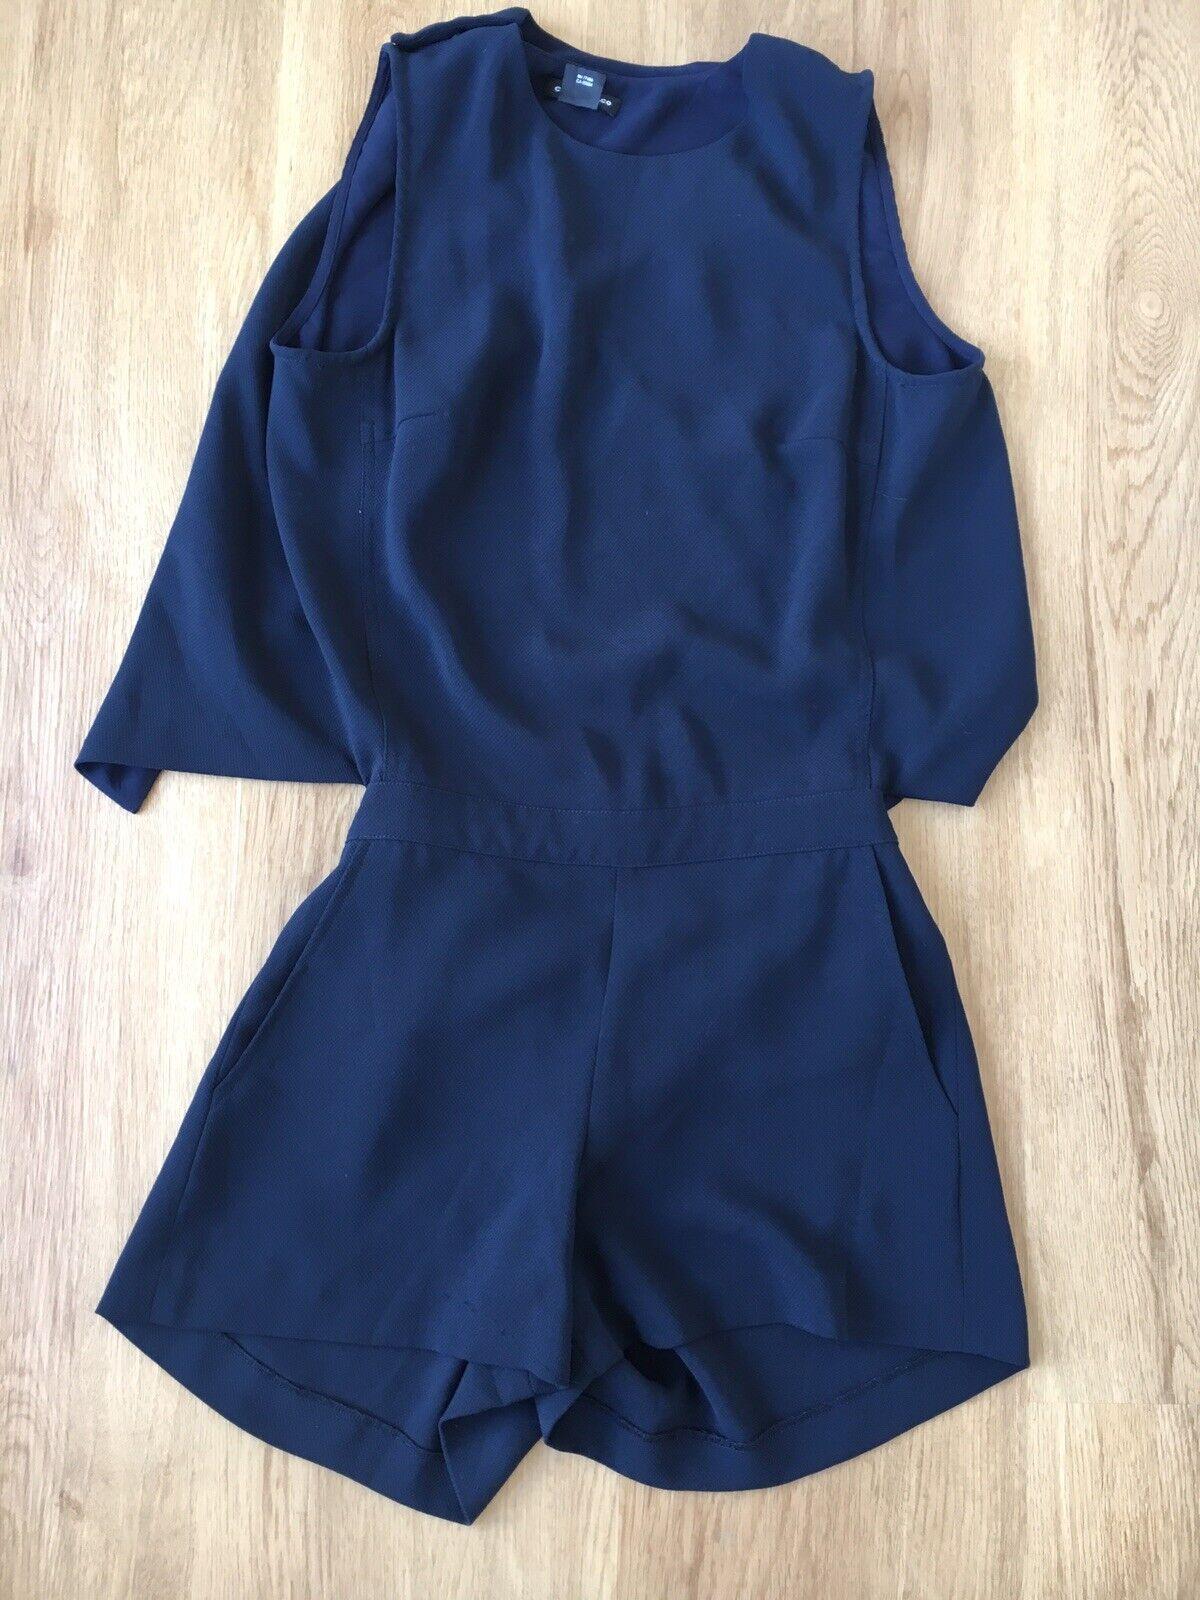 Club monaco xs Onepiece Blau